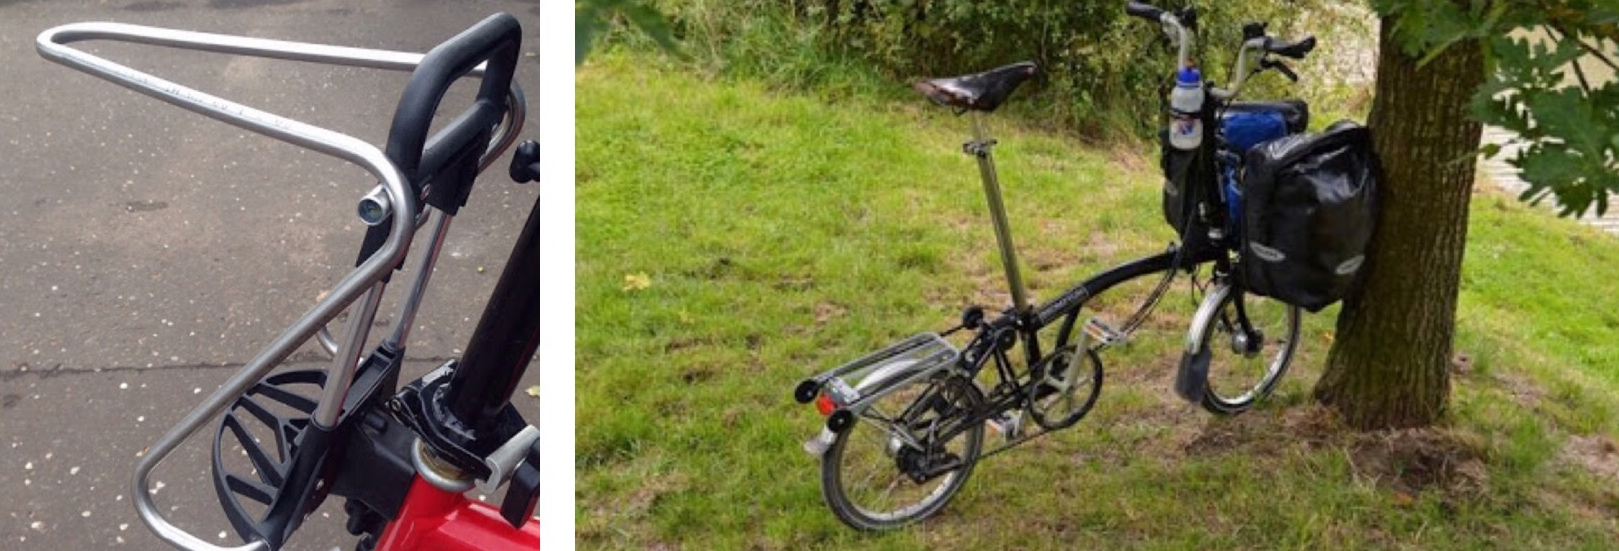 Carrying Luggage On A Folding Bike Brompton Tern Dahon